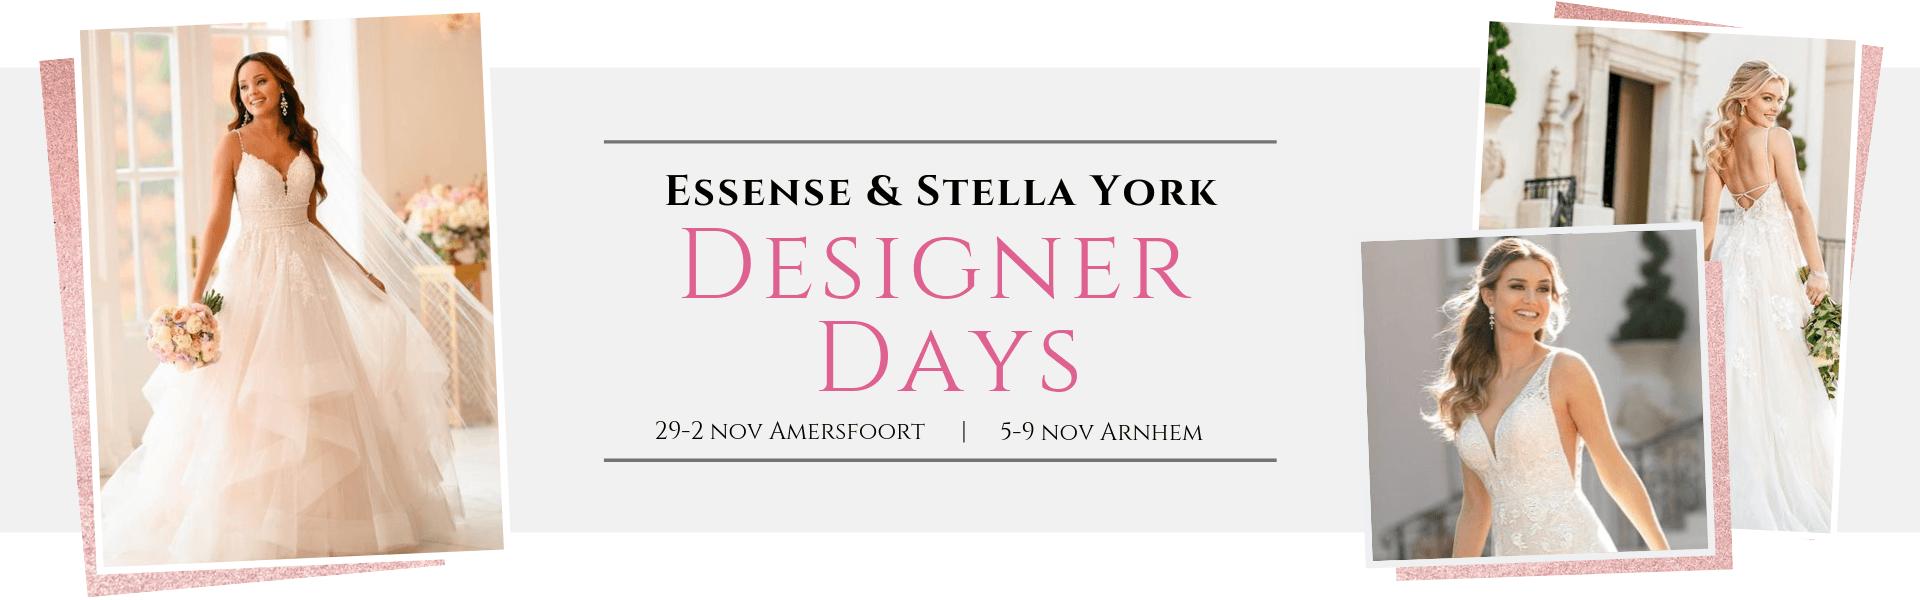 Designer Days Essense & Stella York